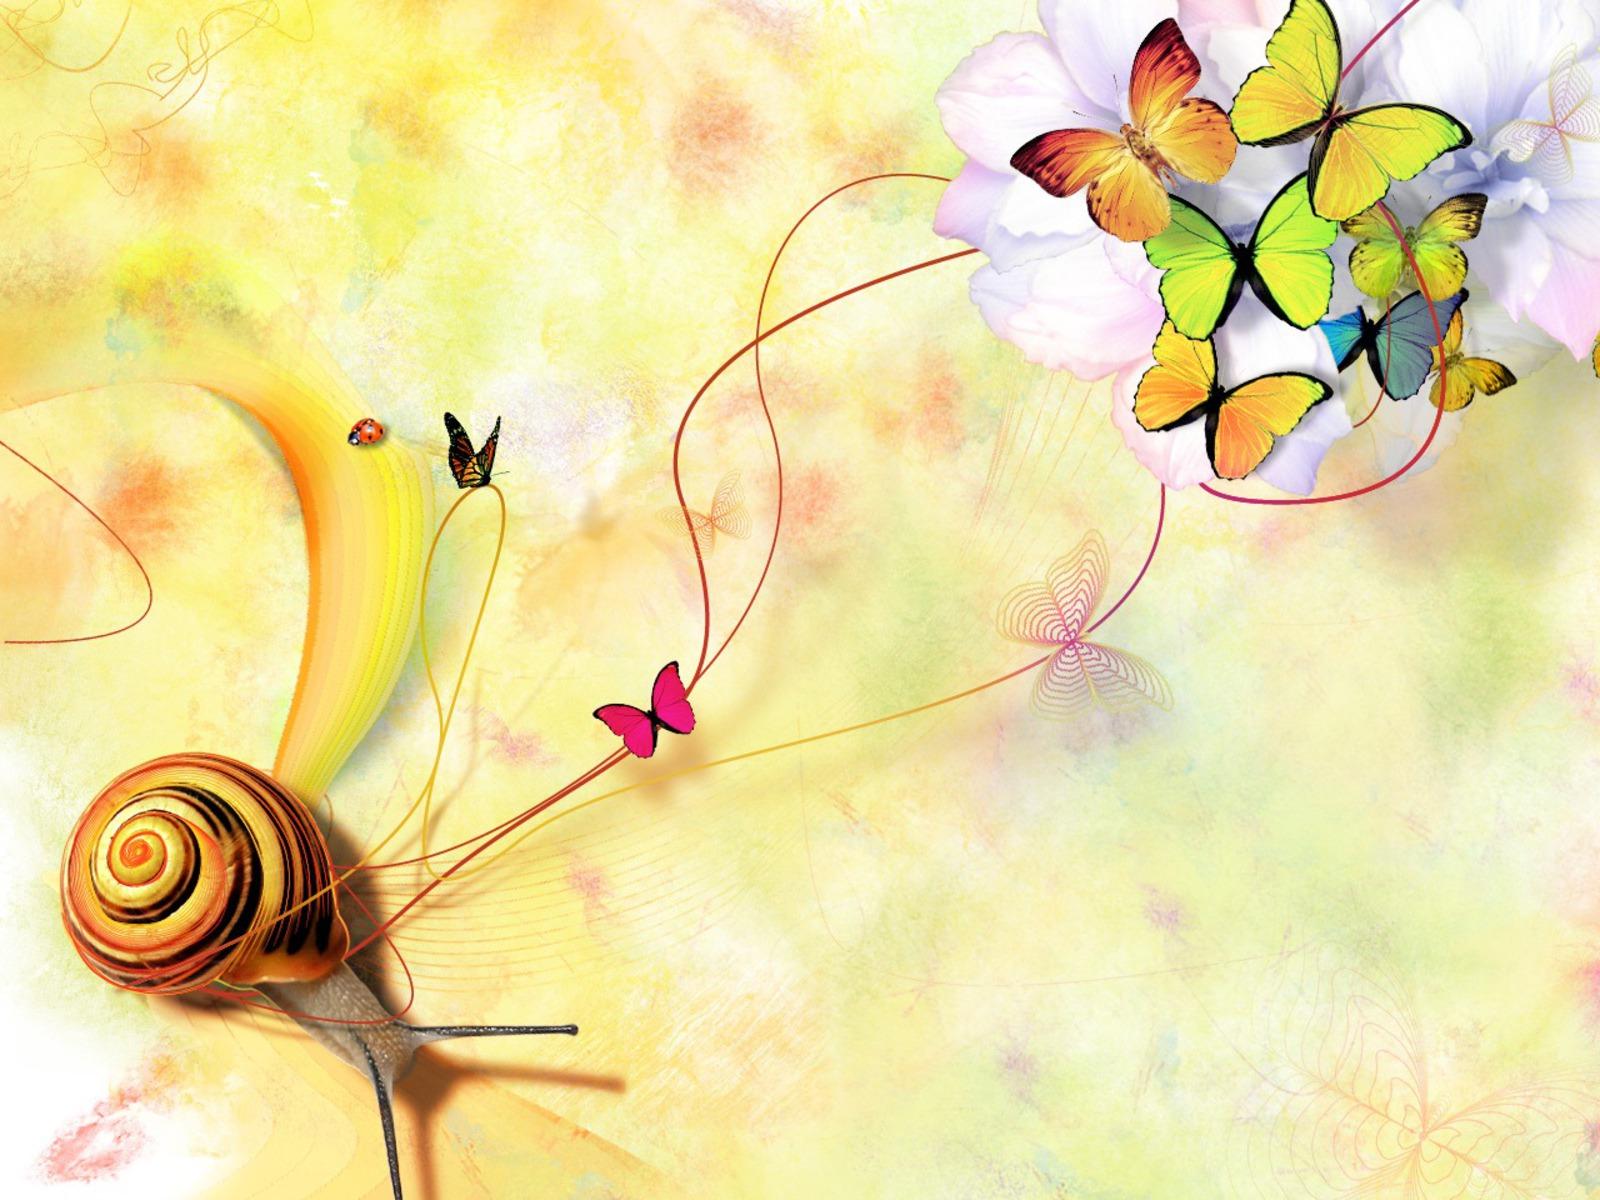 Butterfly Wallpaper Awesome Desktop Wallmetacom 1600x1200px